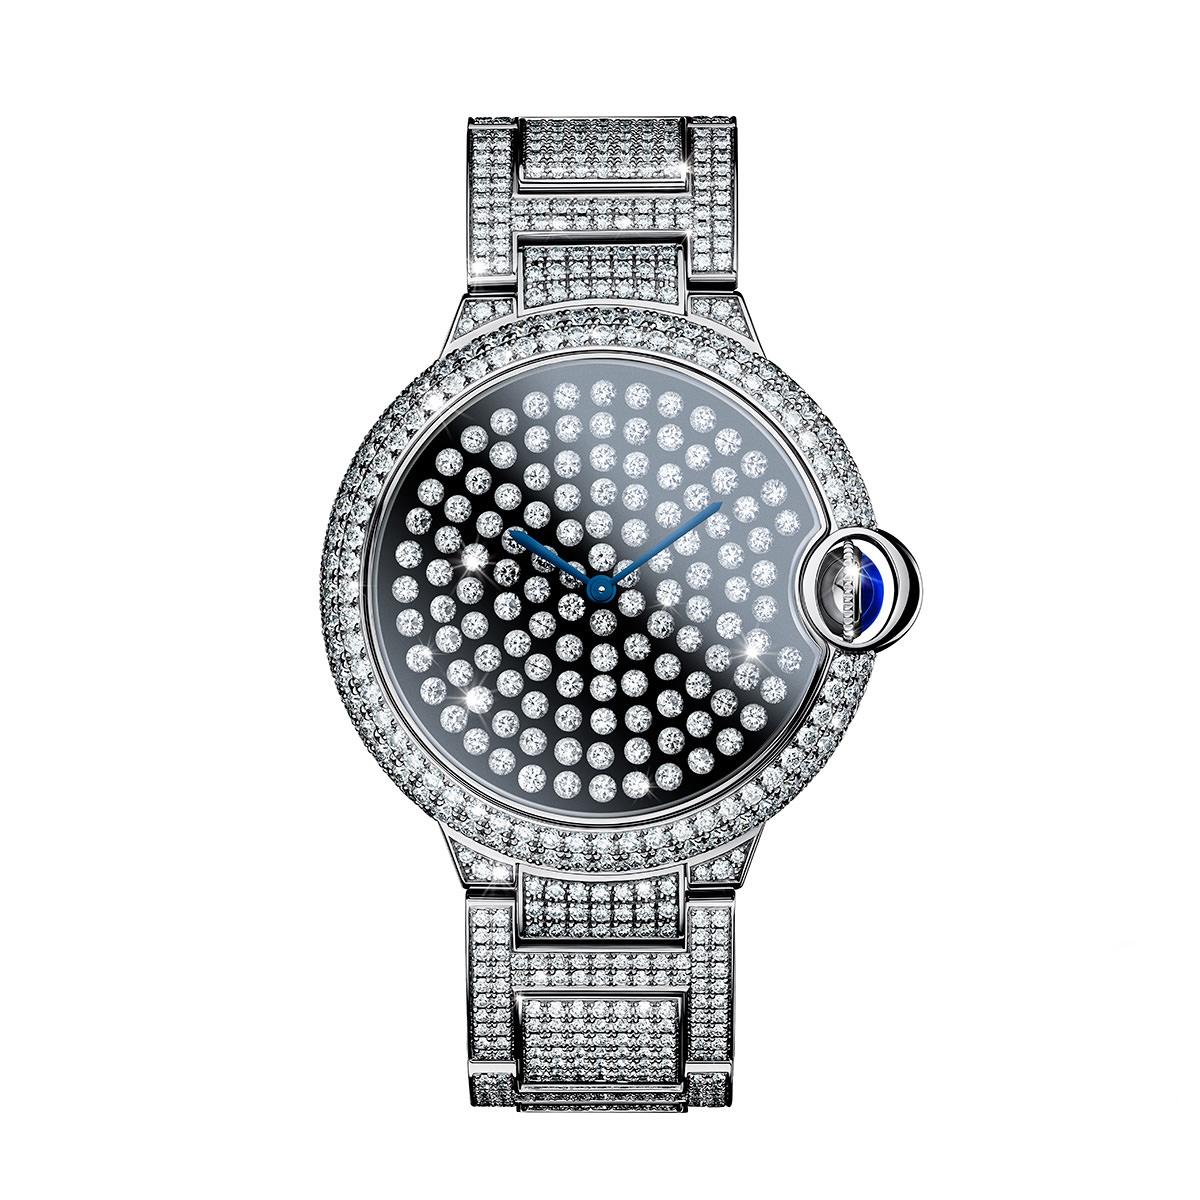 Das Kronjuwel der Ballon Bleu Kollektion von Cartier: Die Ballon Bleu Serti Vibrant ist mit 1.195 teils beweglichen Diamanten gefasst und kommt auf etwa 12,2 Karat. Preis: rund 250.000 Euro. Limitiert auf 20 Exemplare.